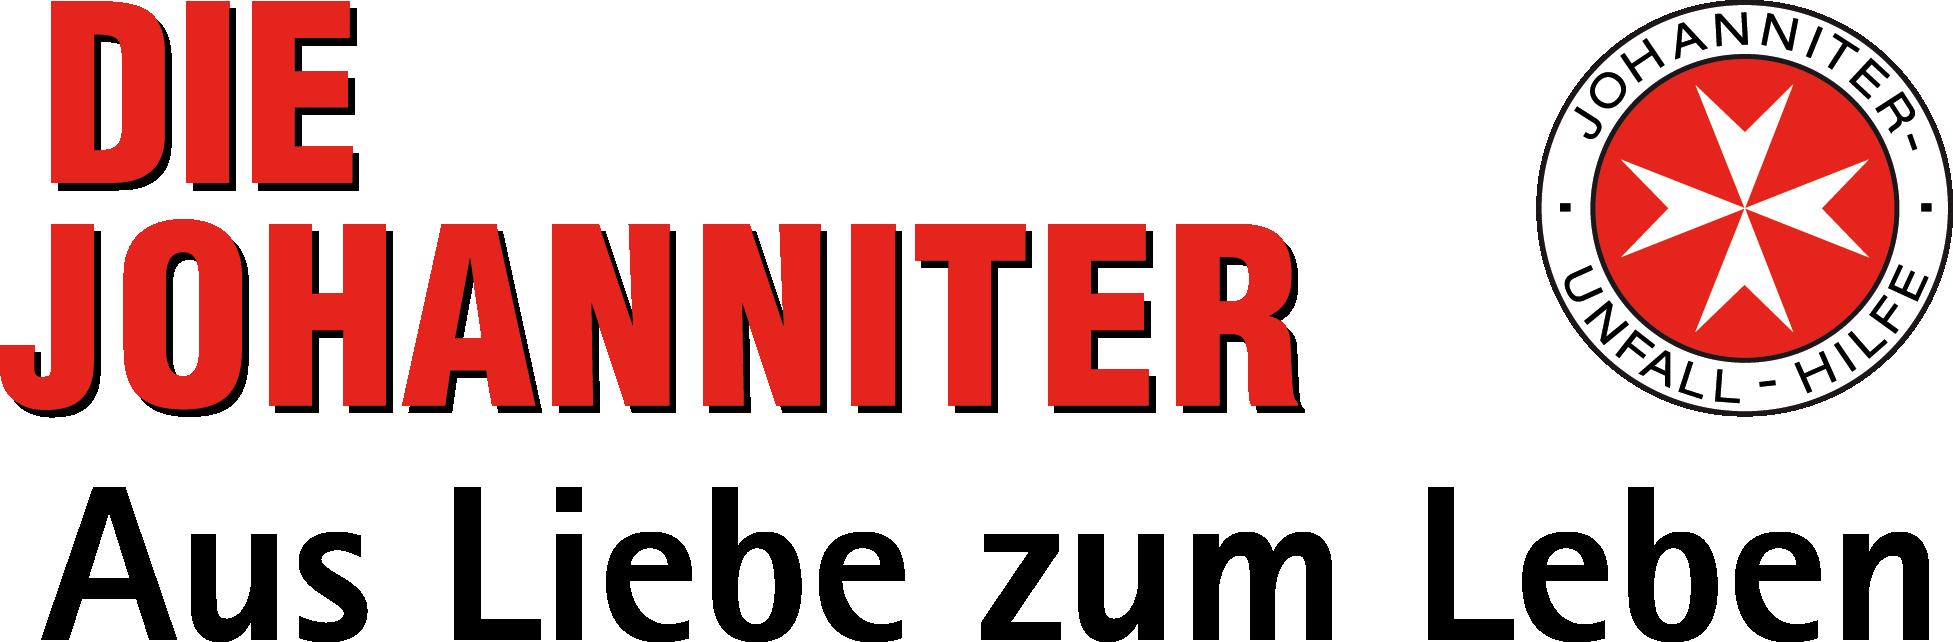 Logo von Johanniter-Unfall-Hilfe